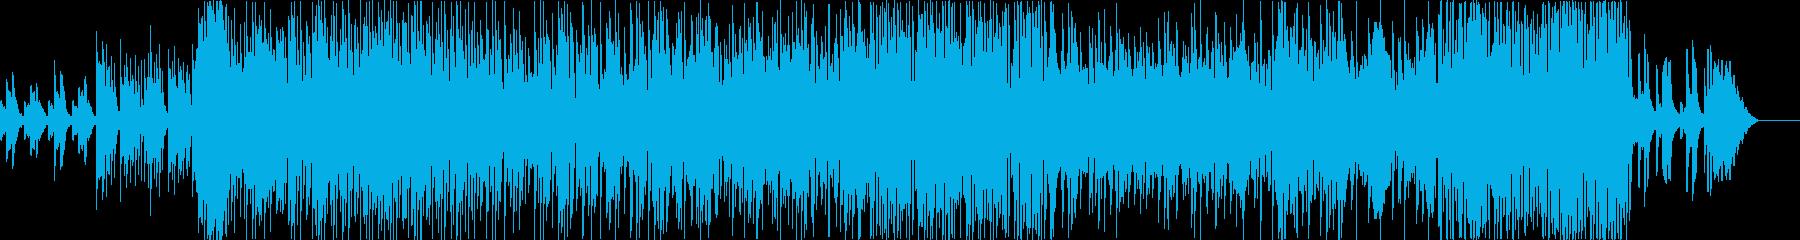 ポップ 感情的 静か やる気 エキ...の再生済みの波形